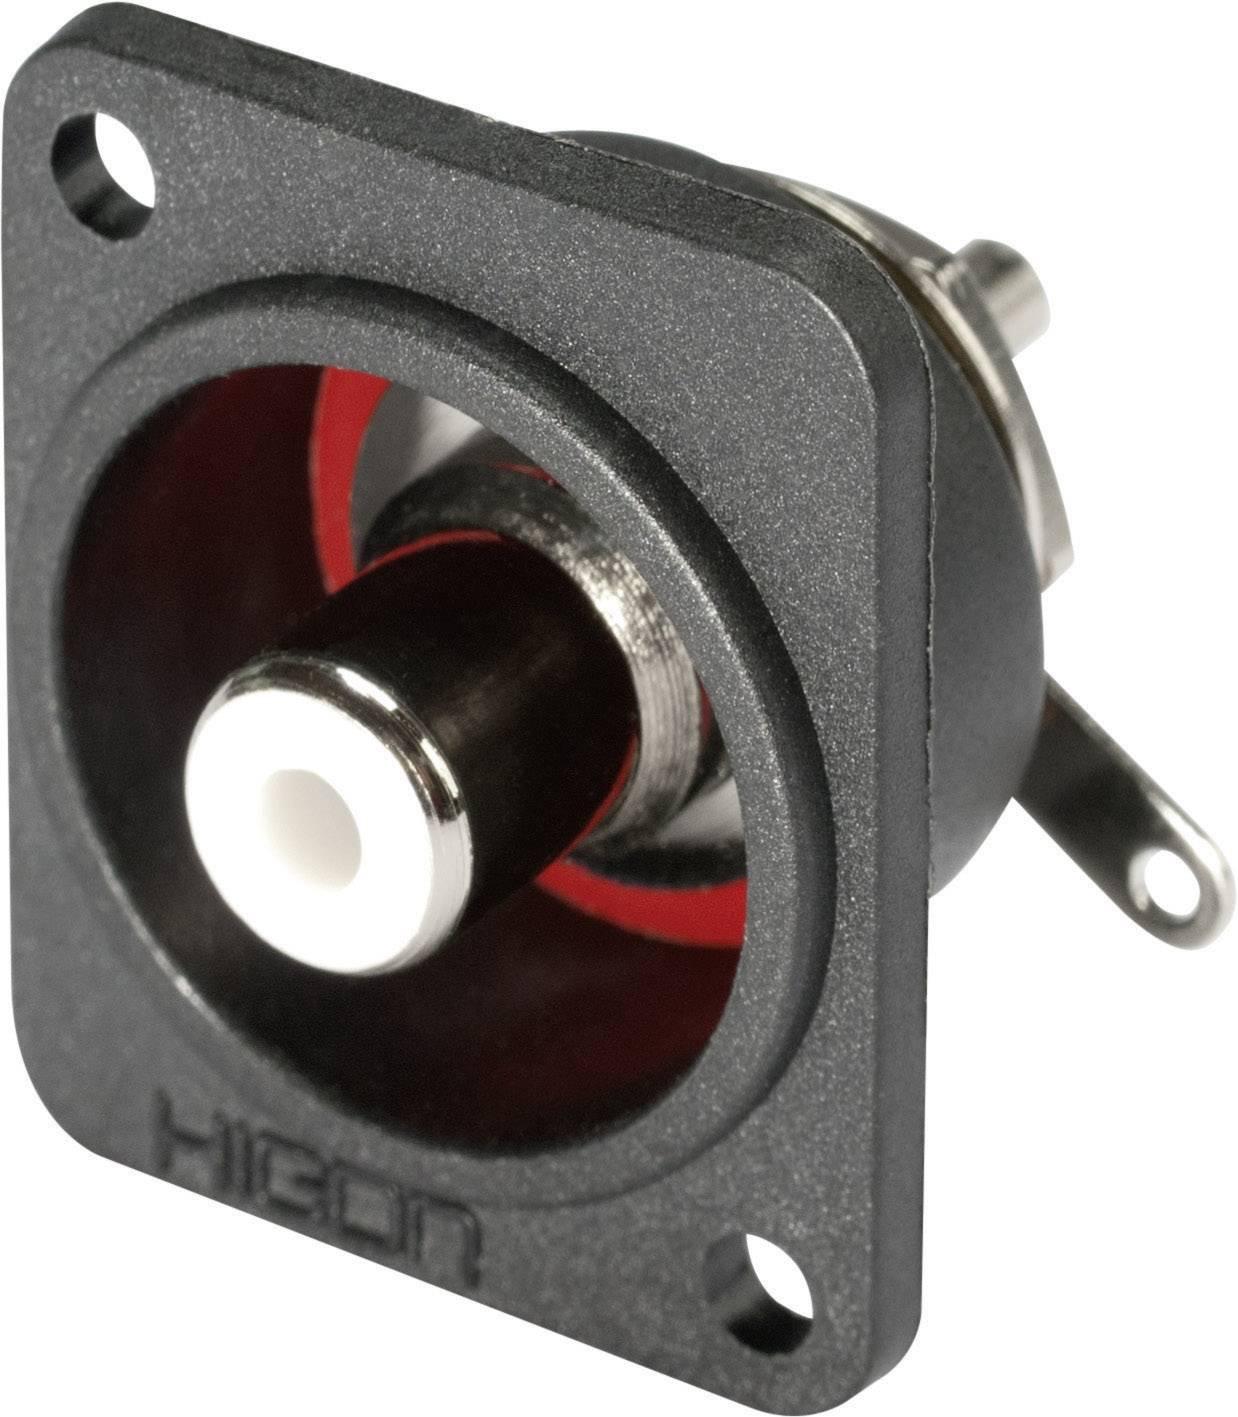 Cinch konektor prírubová zásuvka, rovná Hicon HI-CEFD-GRN, pinov 2, zelená, 1 ks